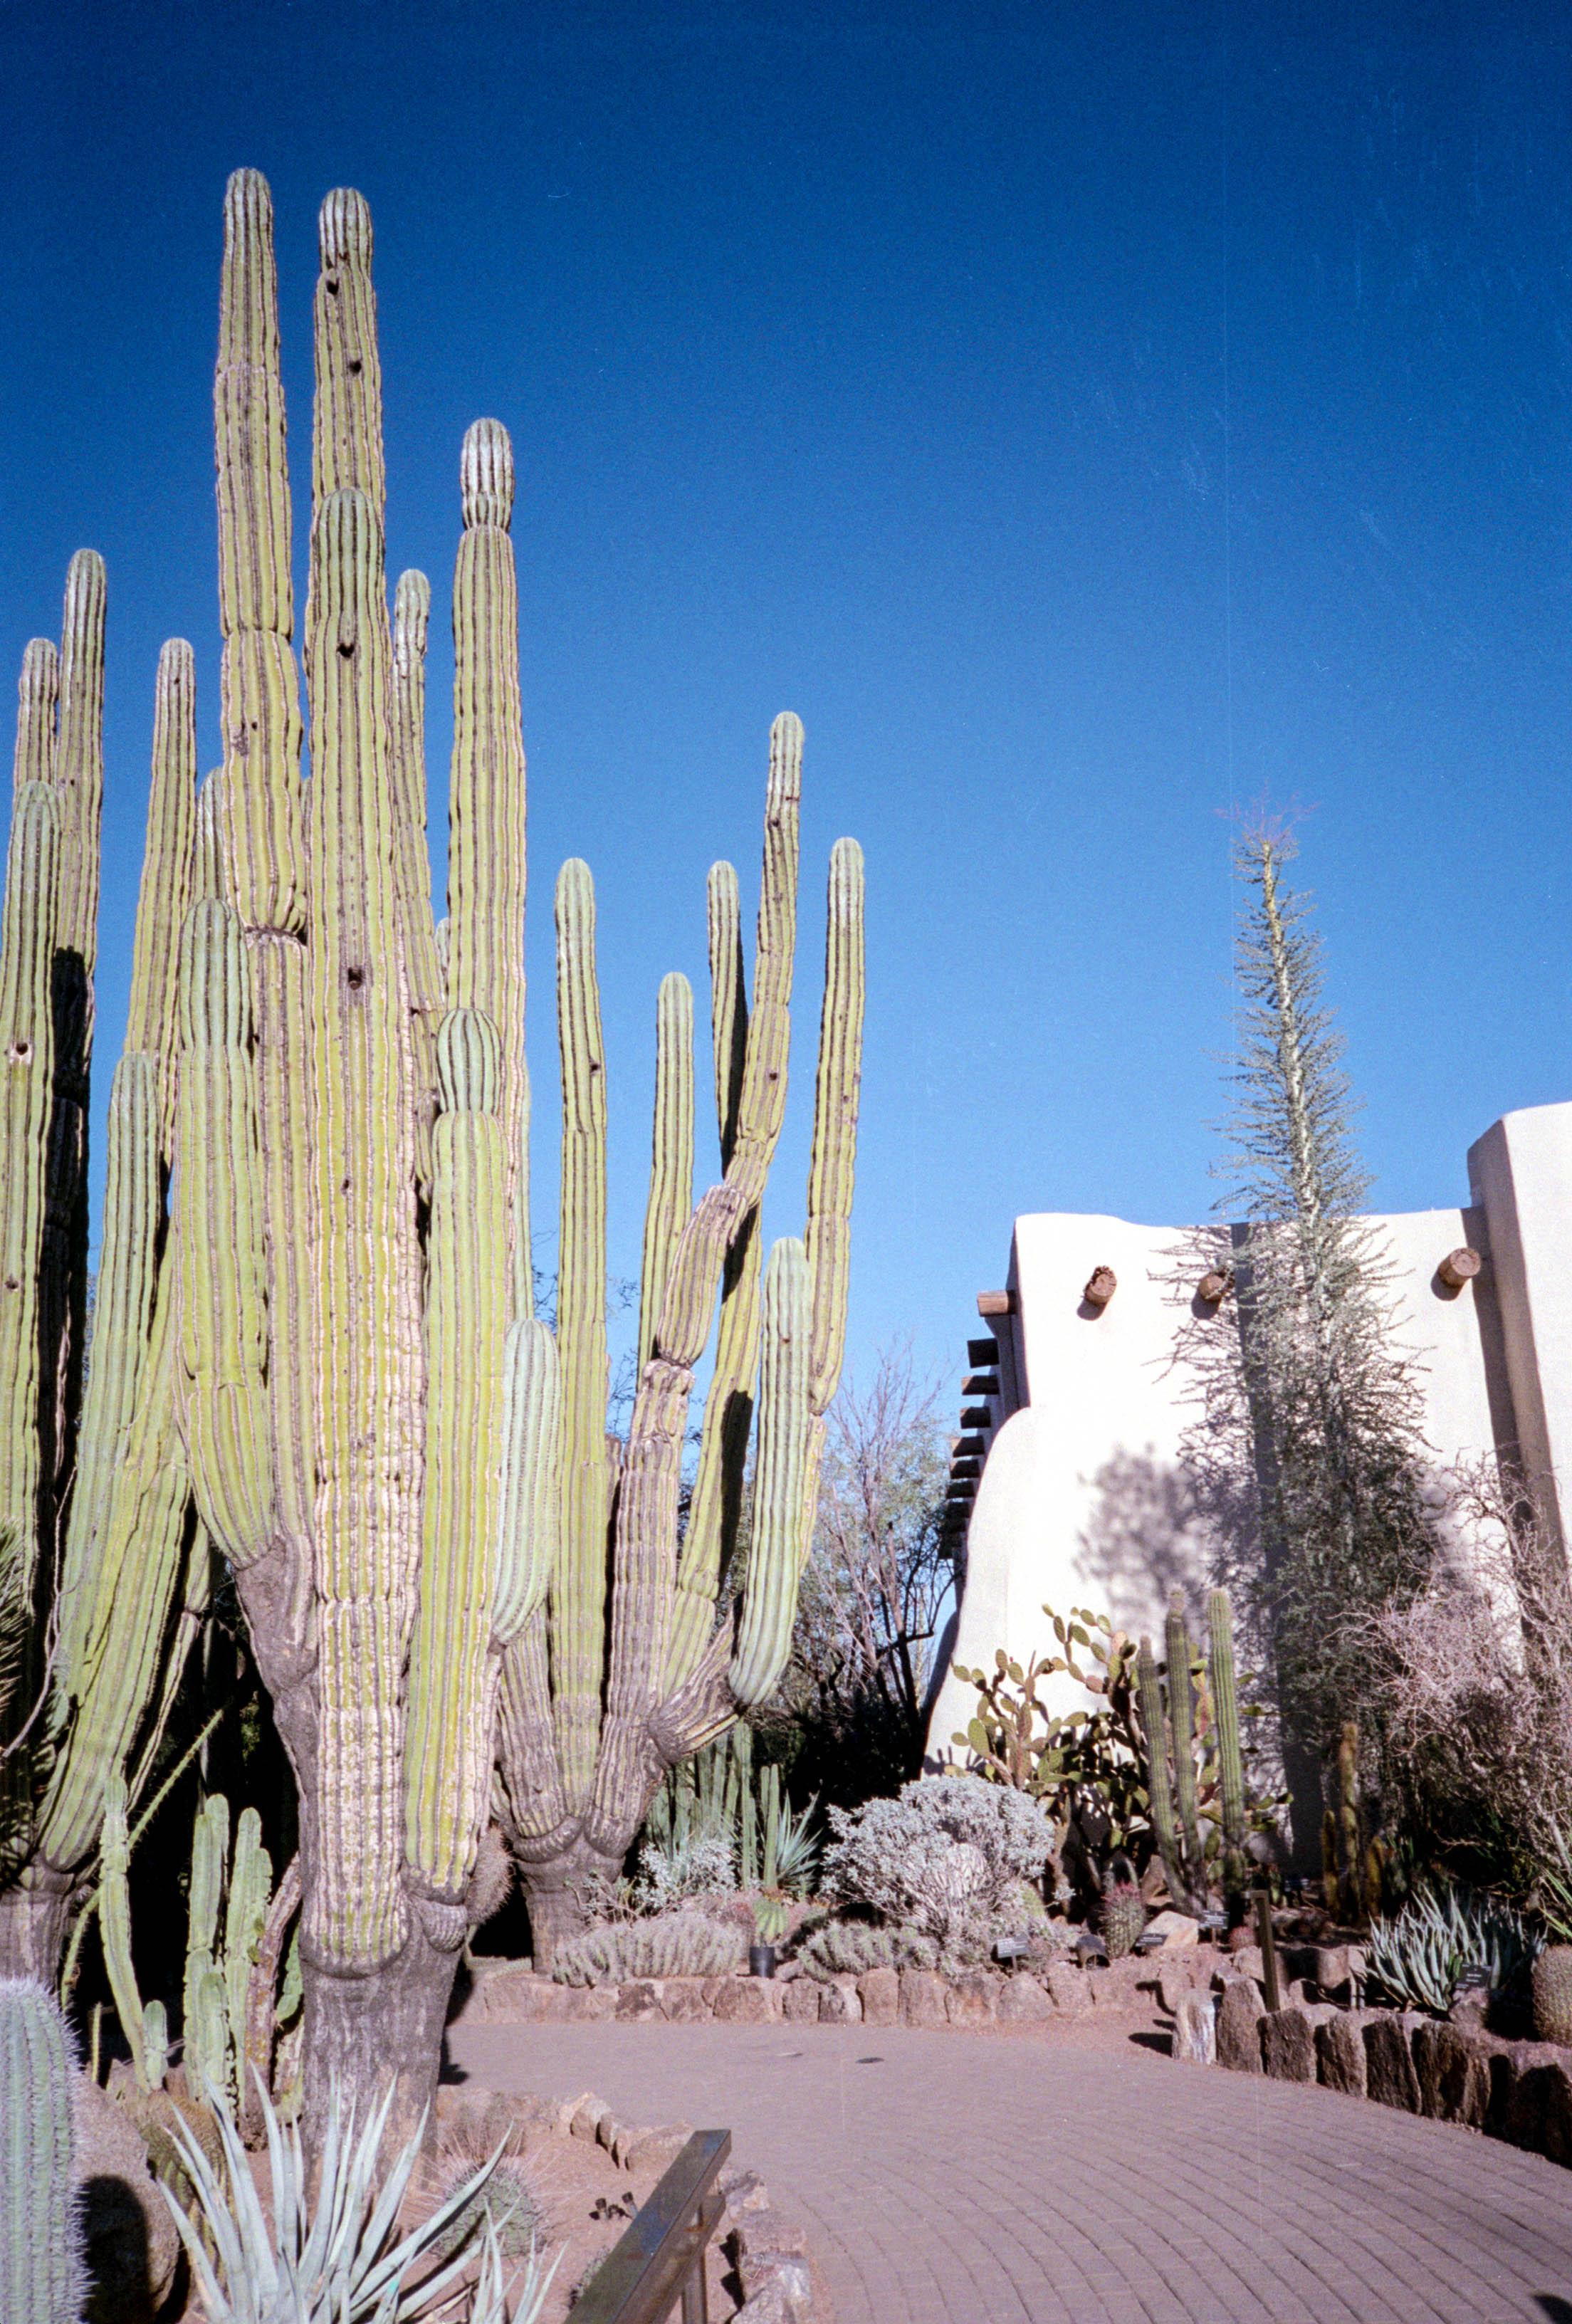 Cactus Grove